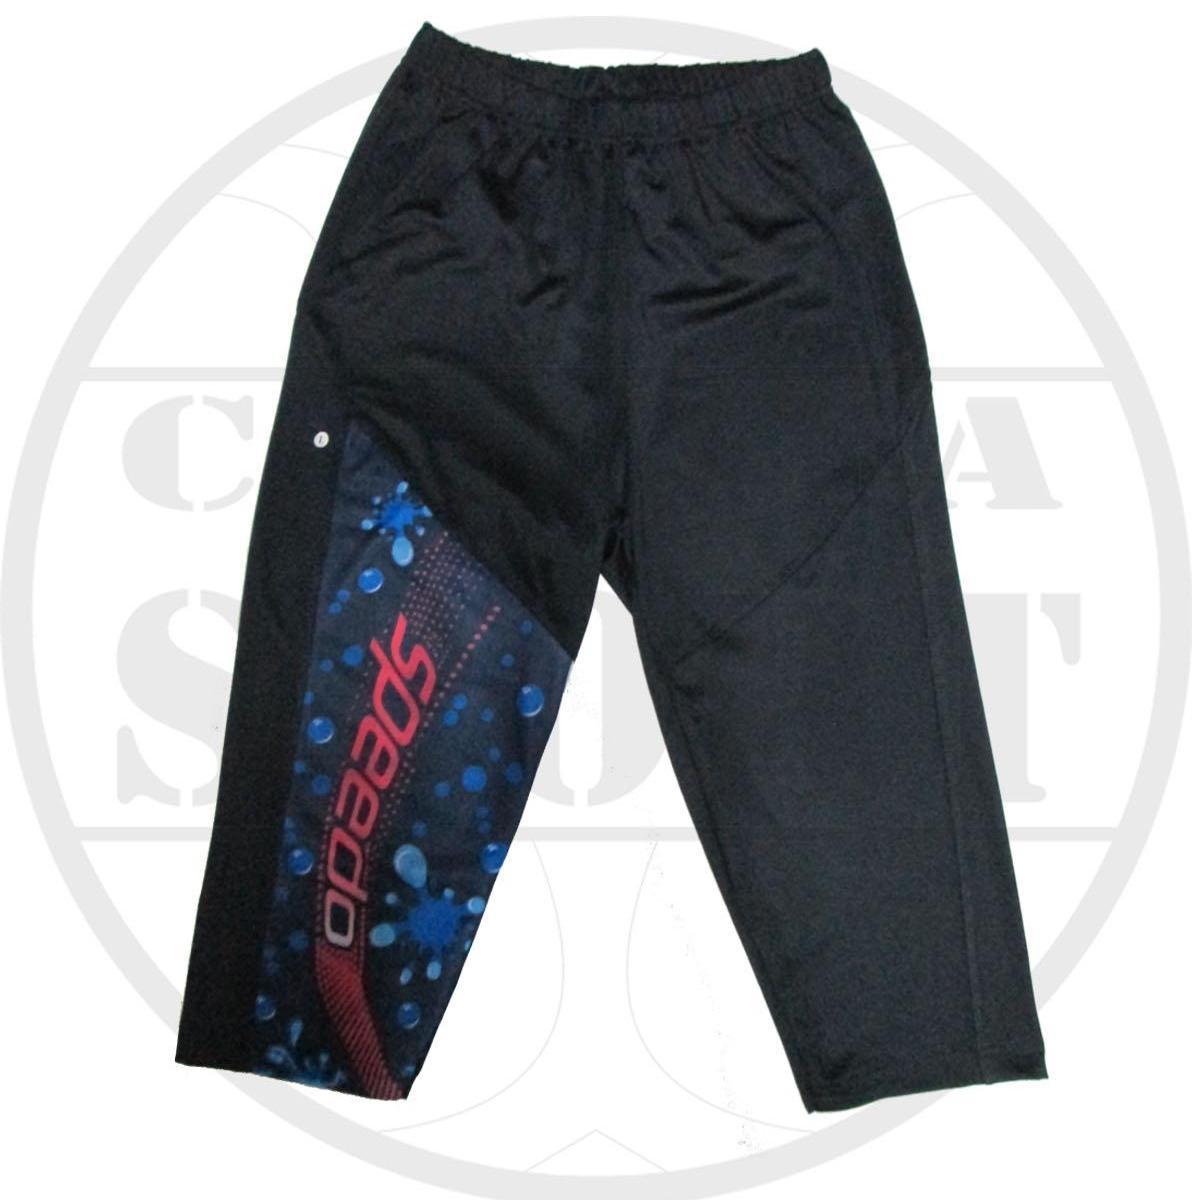 celana renang speedo model motif 3/4 - hitam